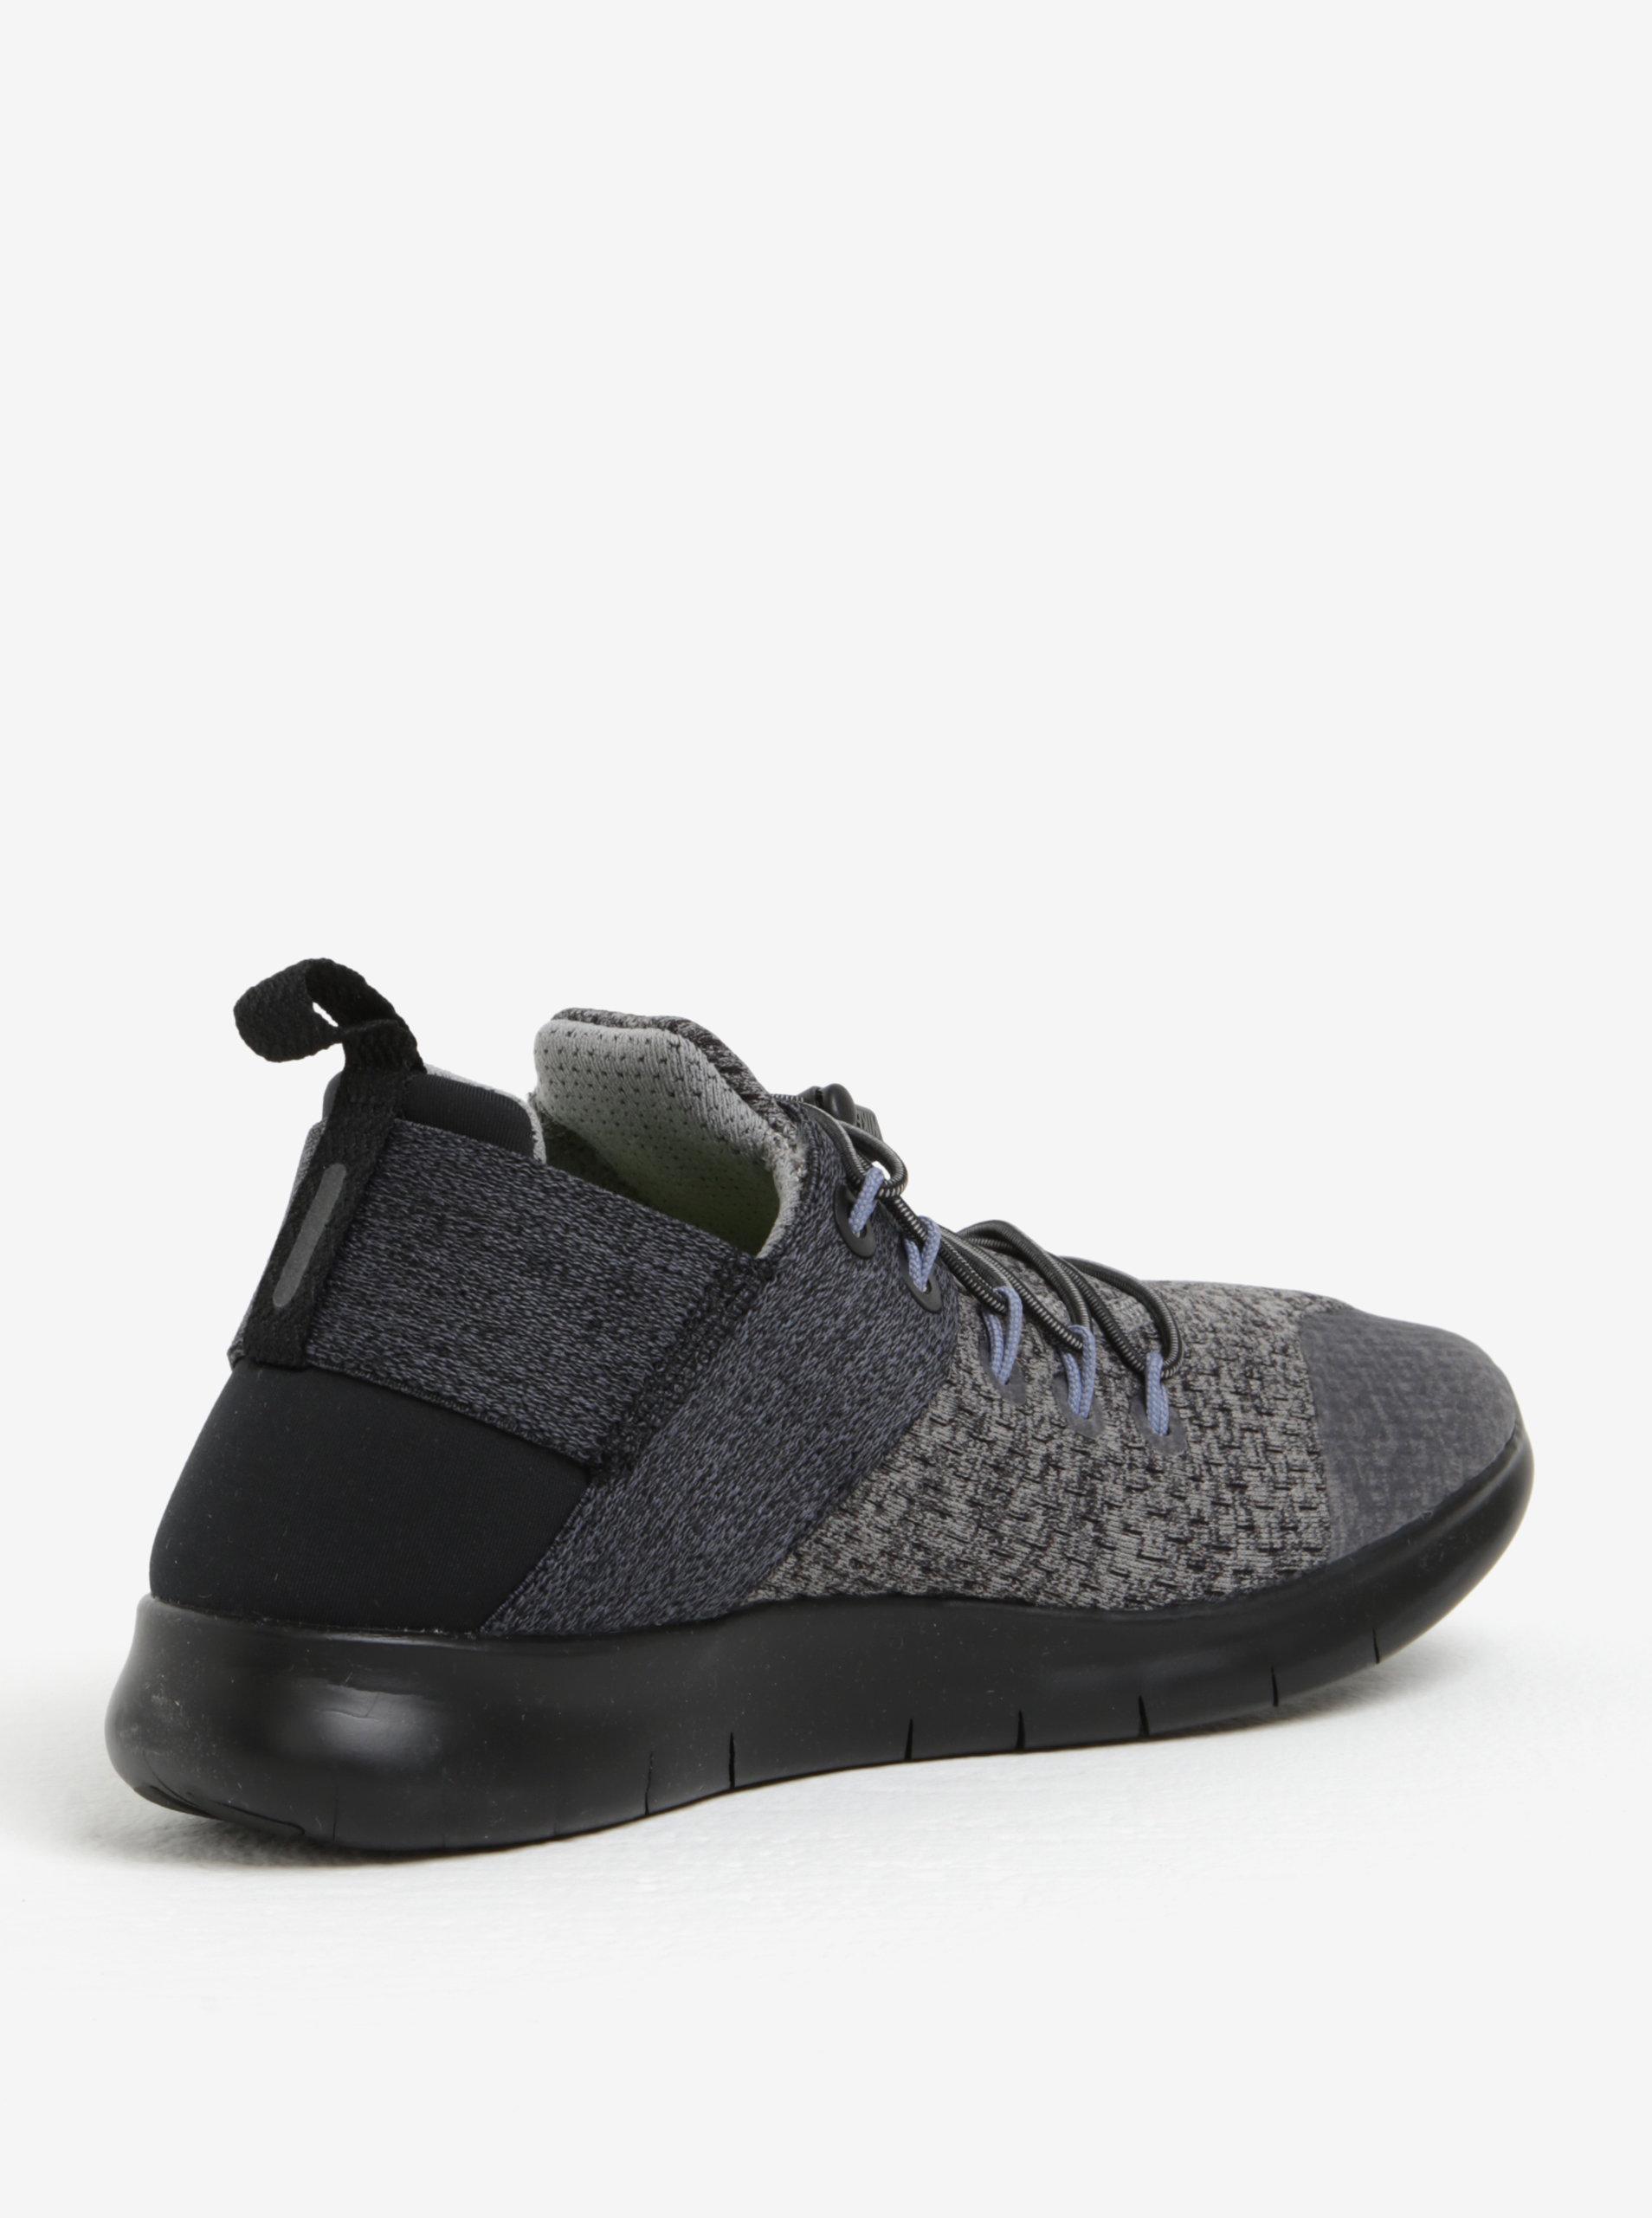 Sivo-čierne dámske tenisky Nike Free RN Commuter ... 12a384d4c13